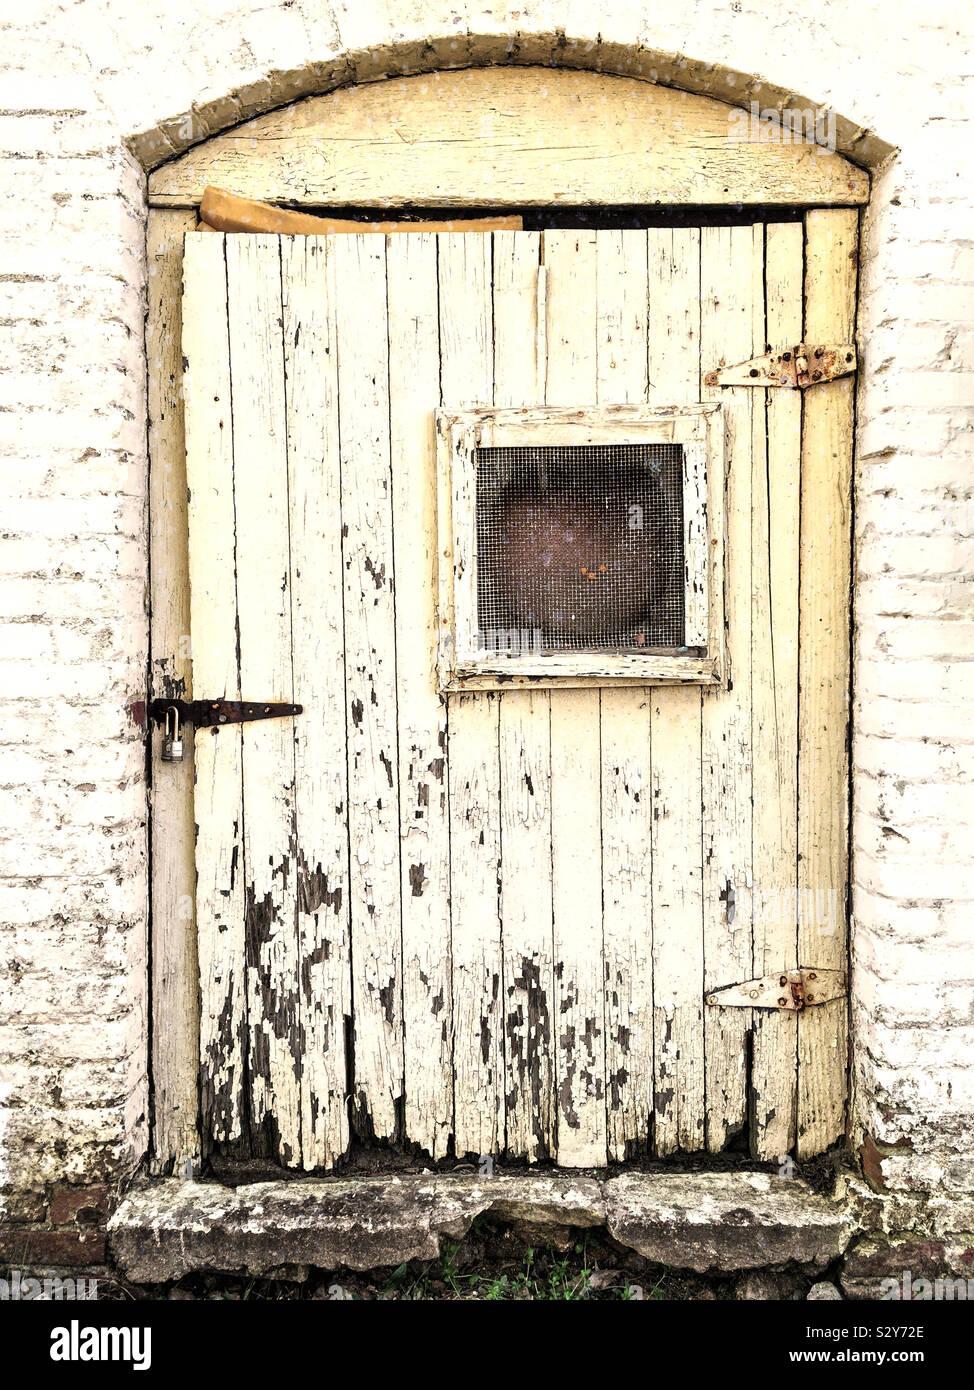 Un vecchio edificio abbandonato con una porta di legno che si sta deteriorando con l'età. Foto Stock